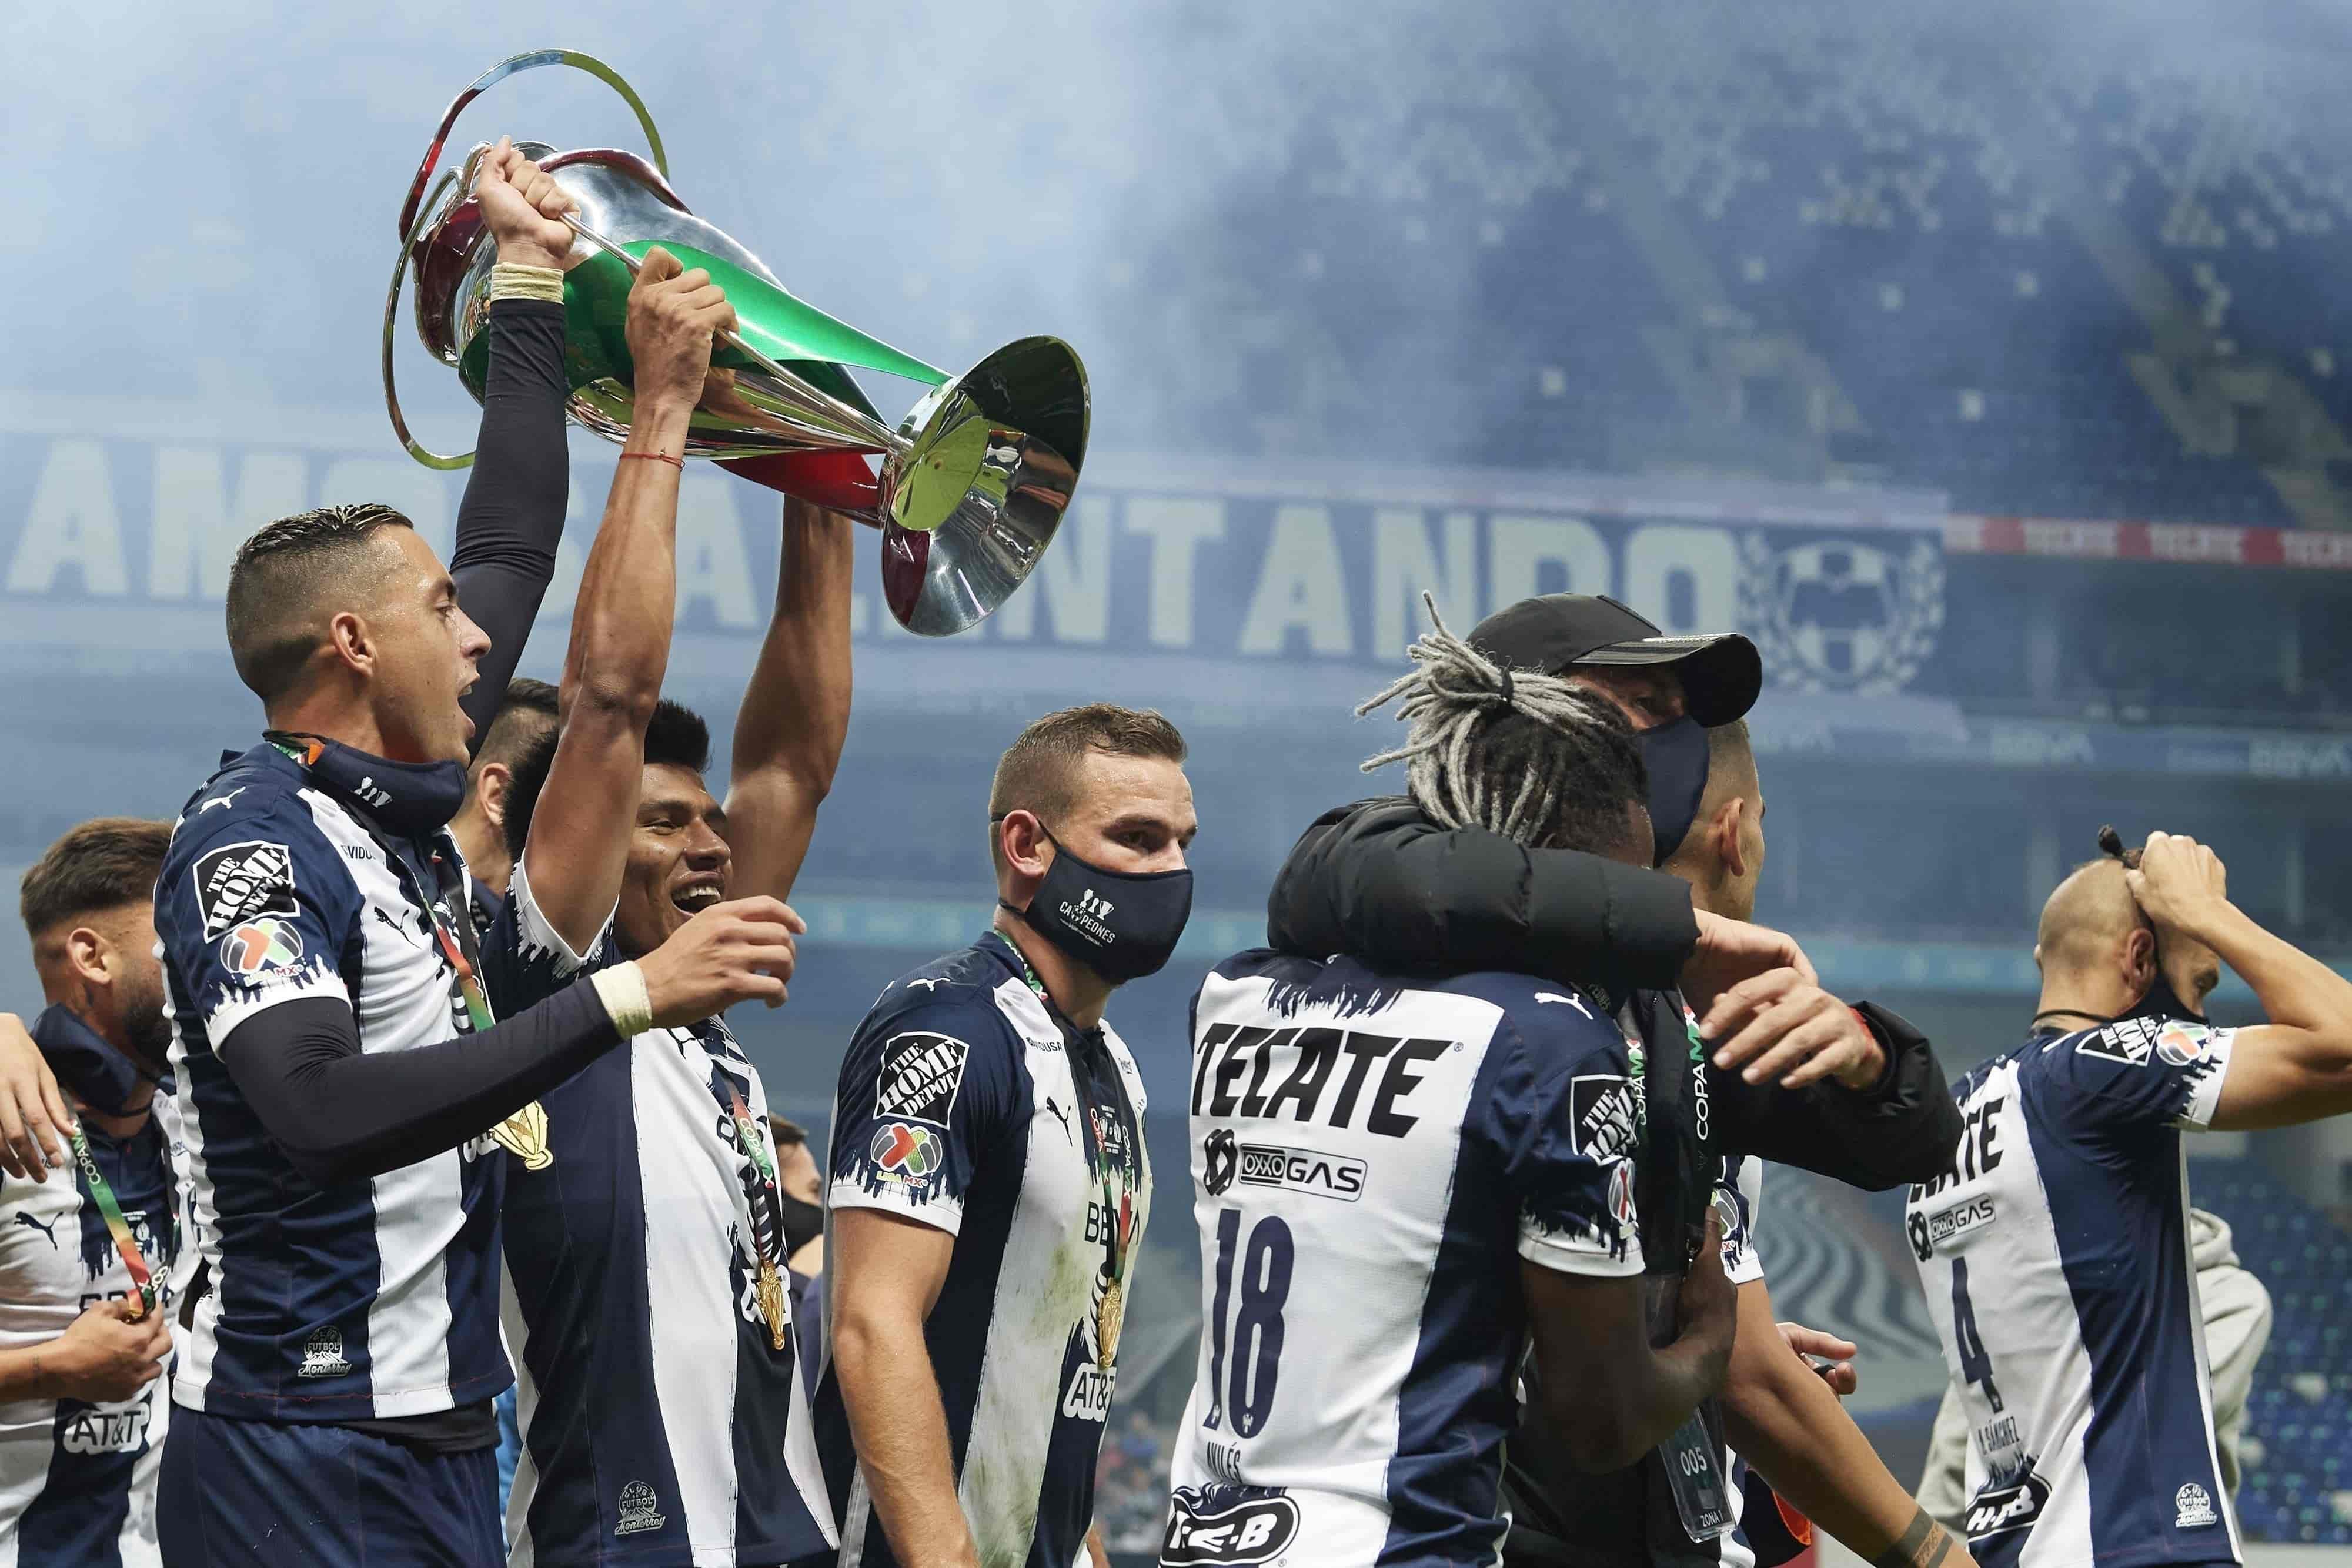 Sólo Cruz Azul había logrado la triple campeonato